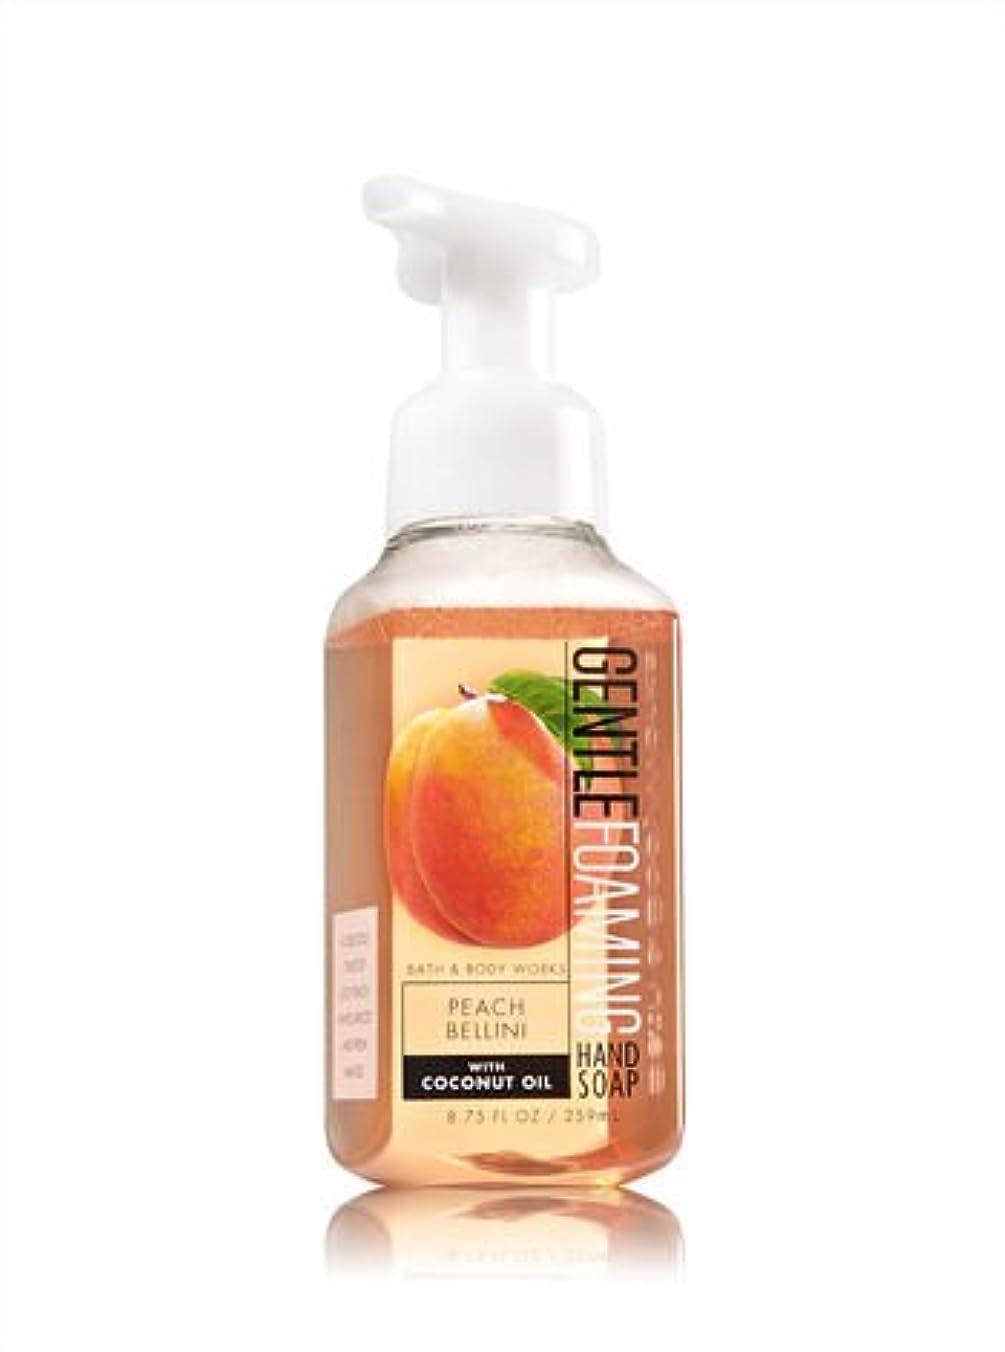 対話知覚する画像バス&ボディワークス ピーチベリーニ ジェントル フォーミング ハンドソープ Peach Bellini Gentle Foaming Hand Soap [並行輸入品]